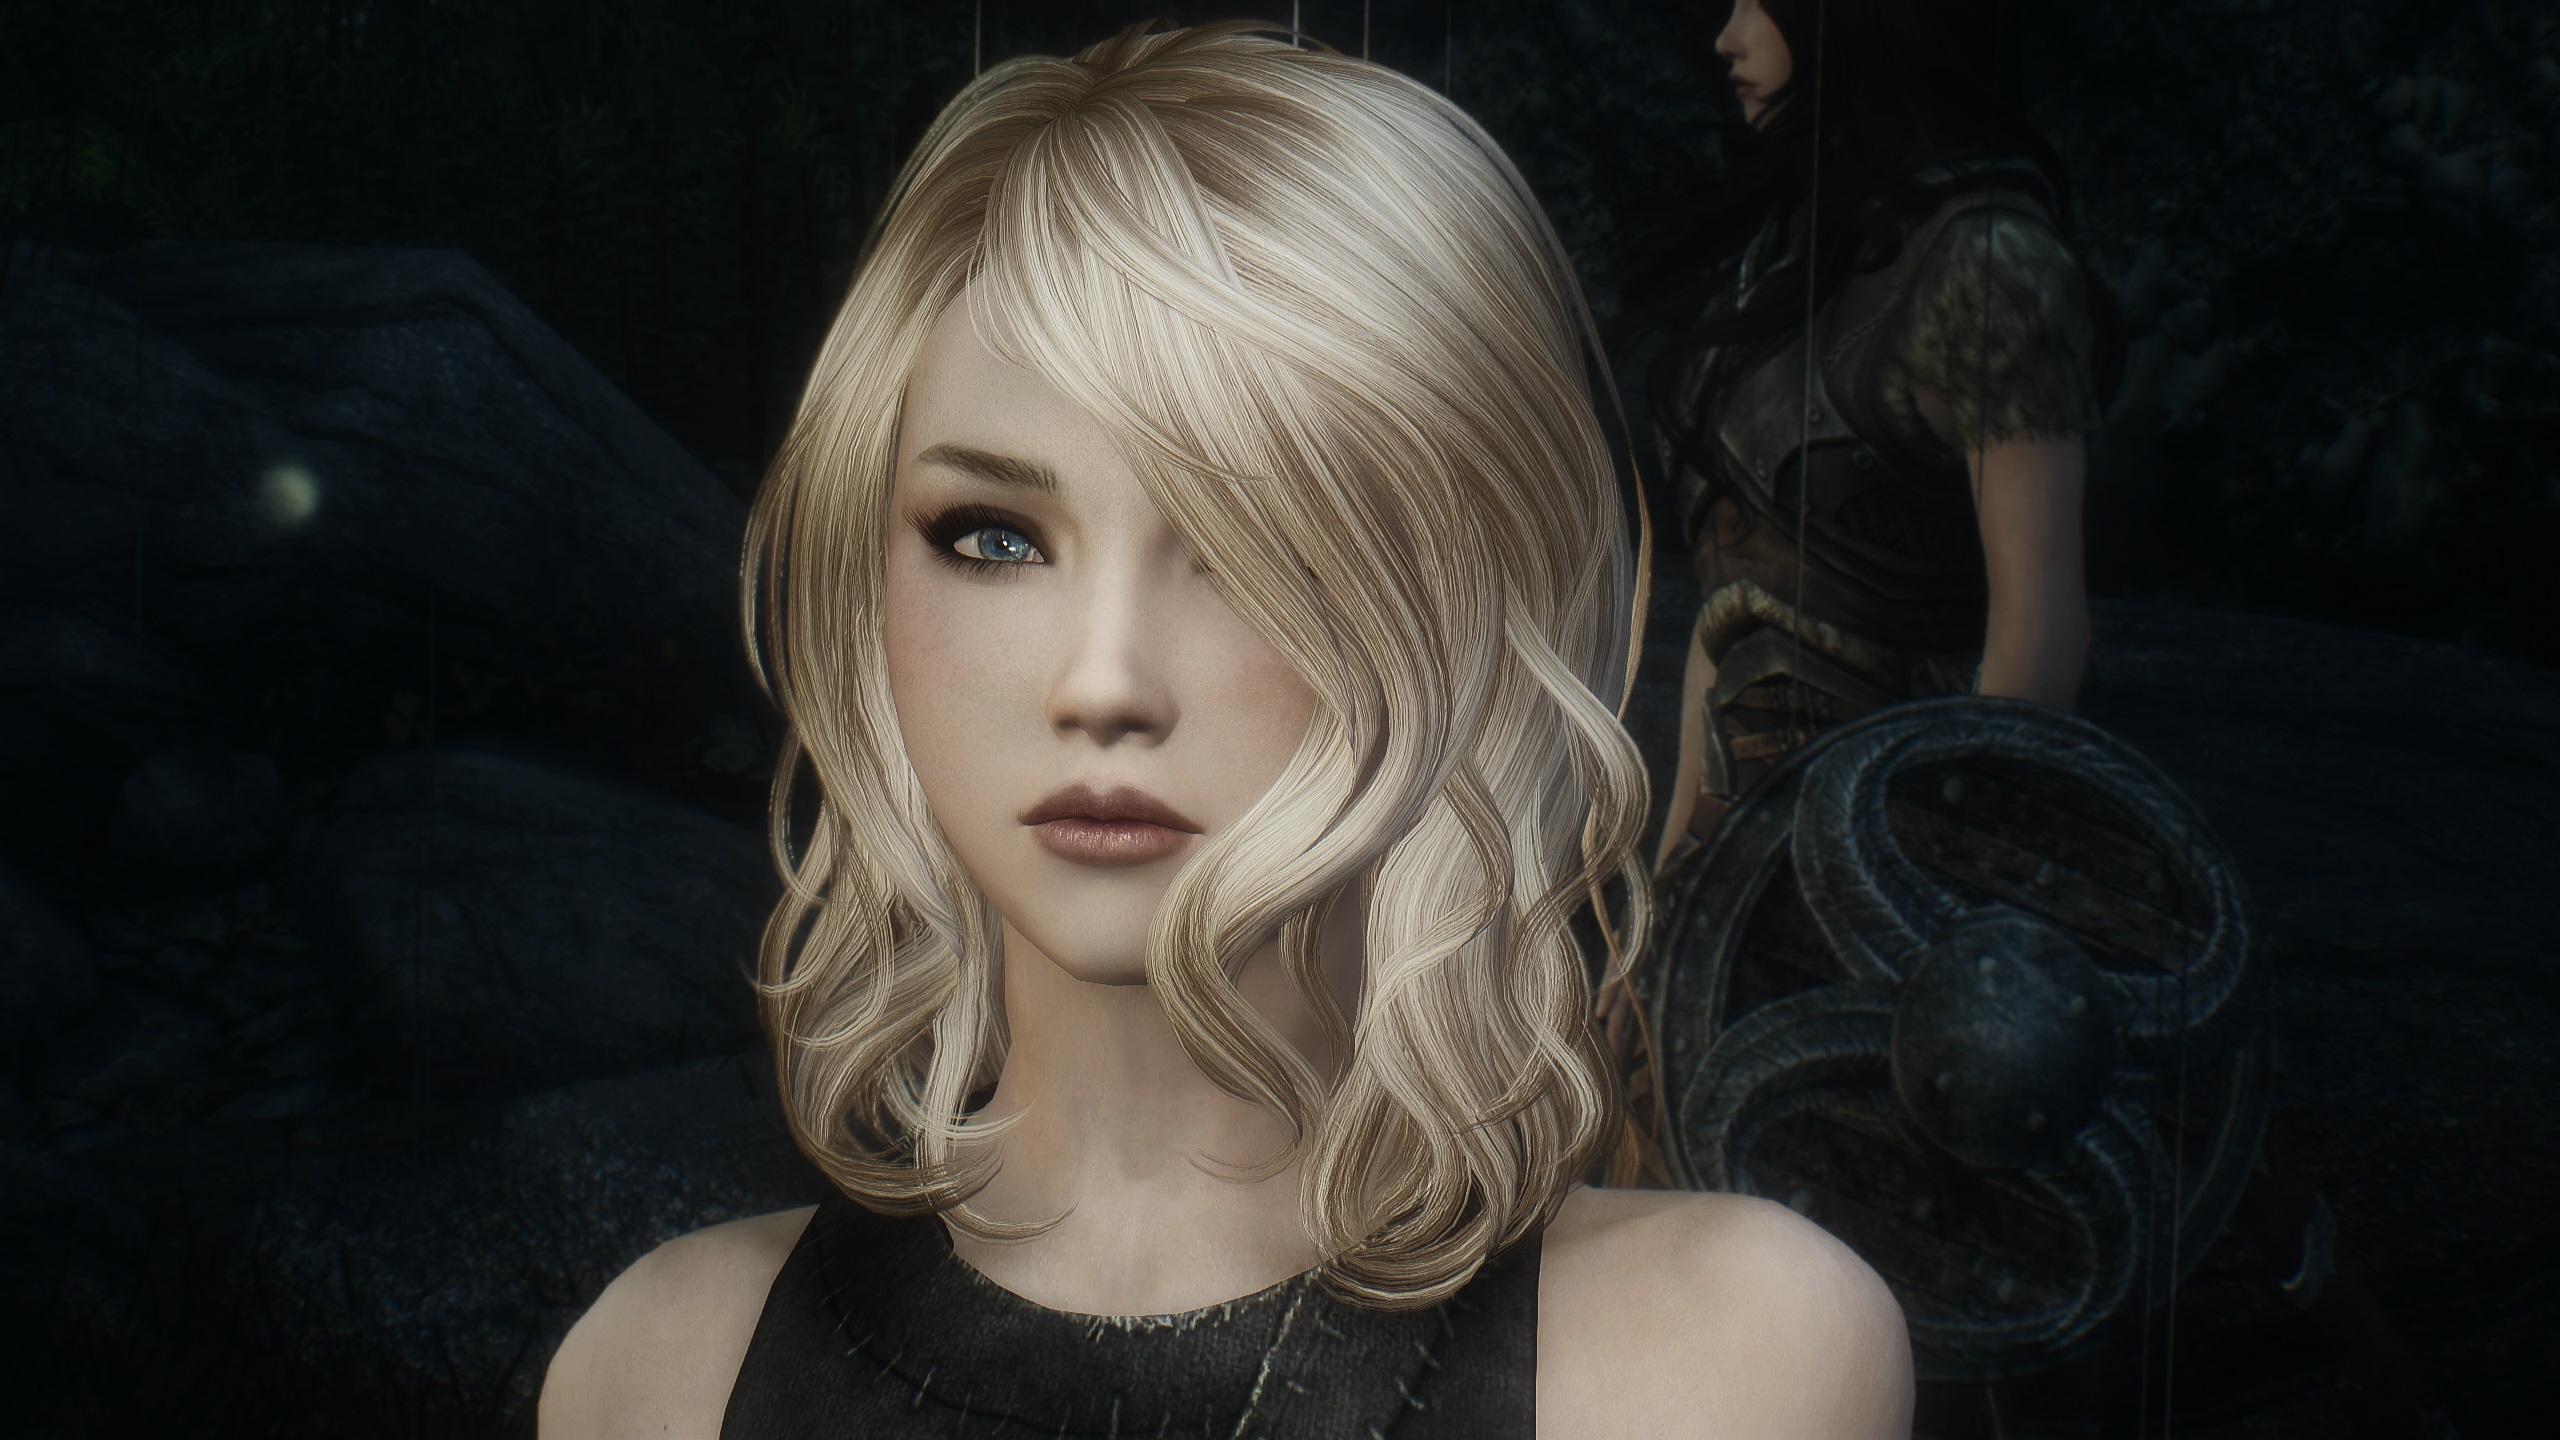 Sassy_Teen_Girls_03.jpg